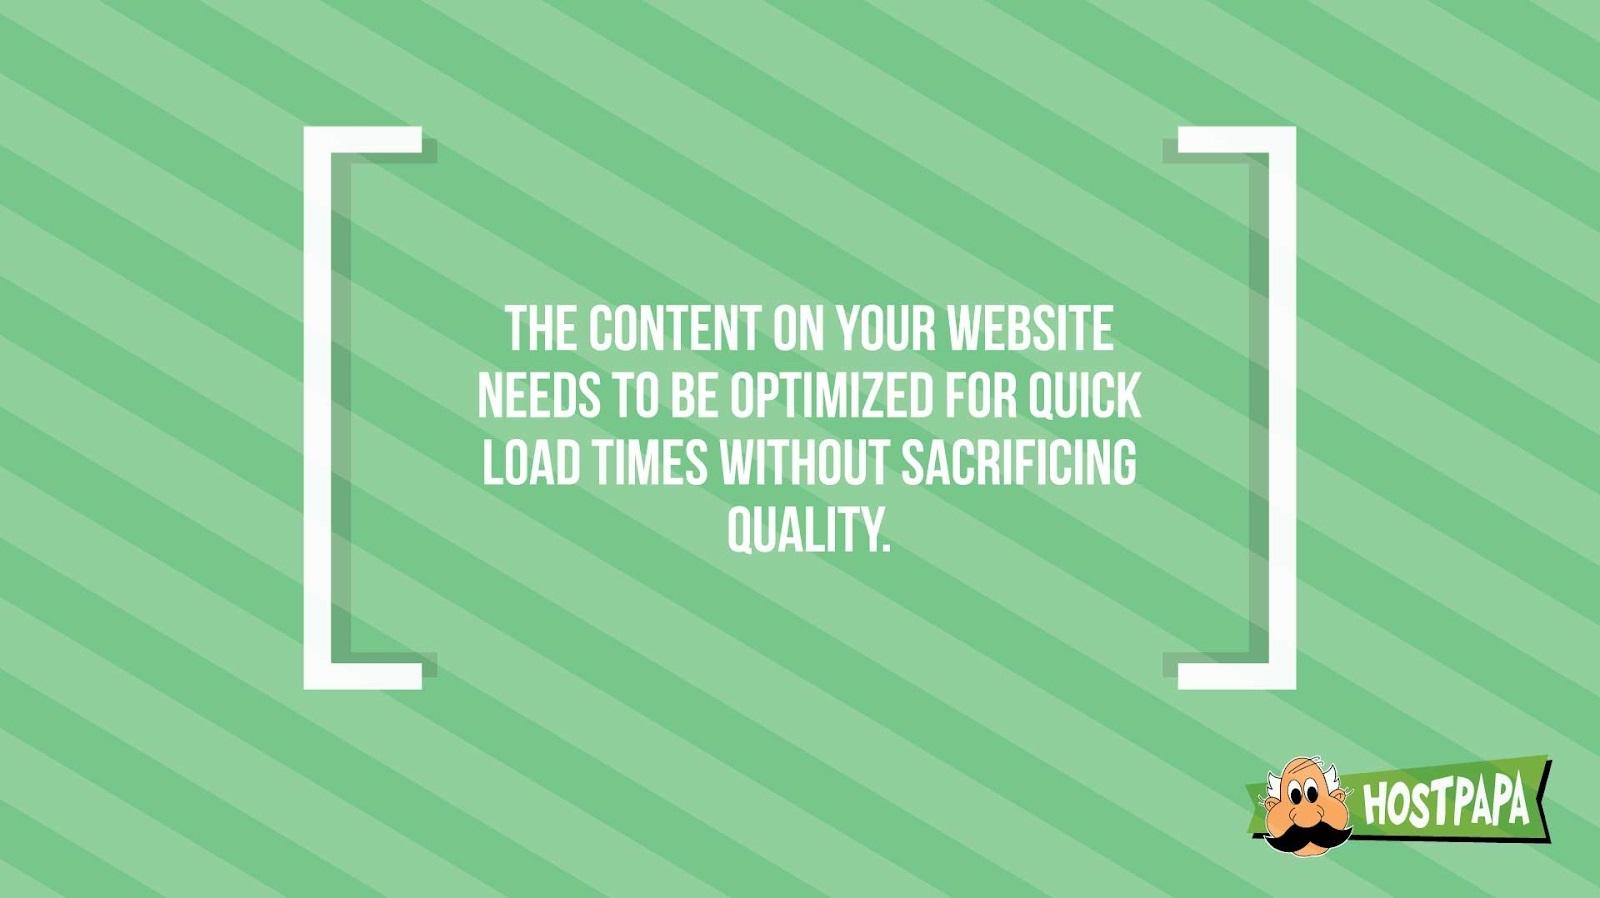 Hình 6: Nội dung trên website nên được tối ưu hóa để có tốc độ tải nhanh hơn